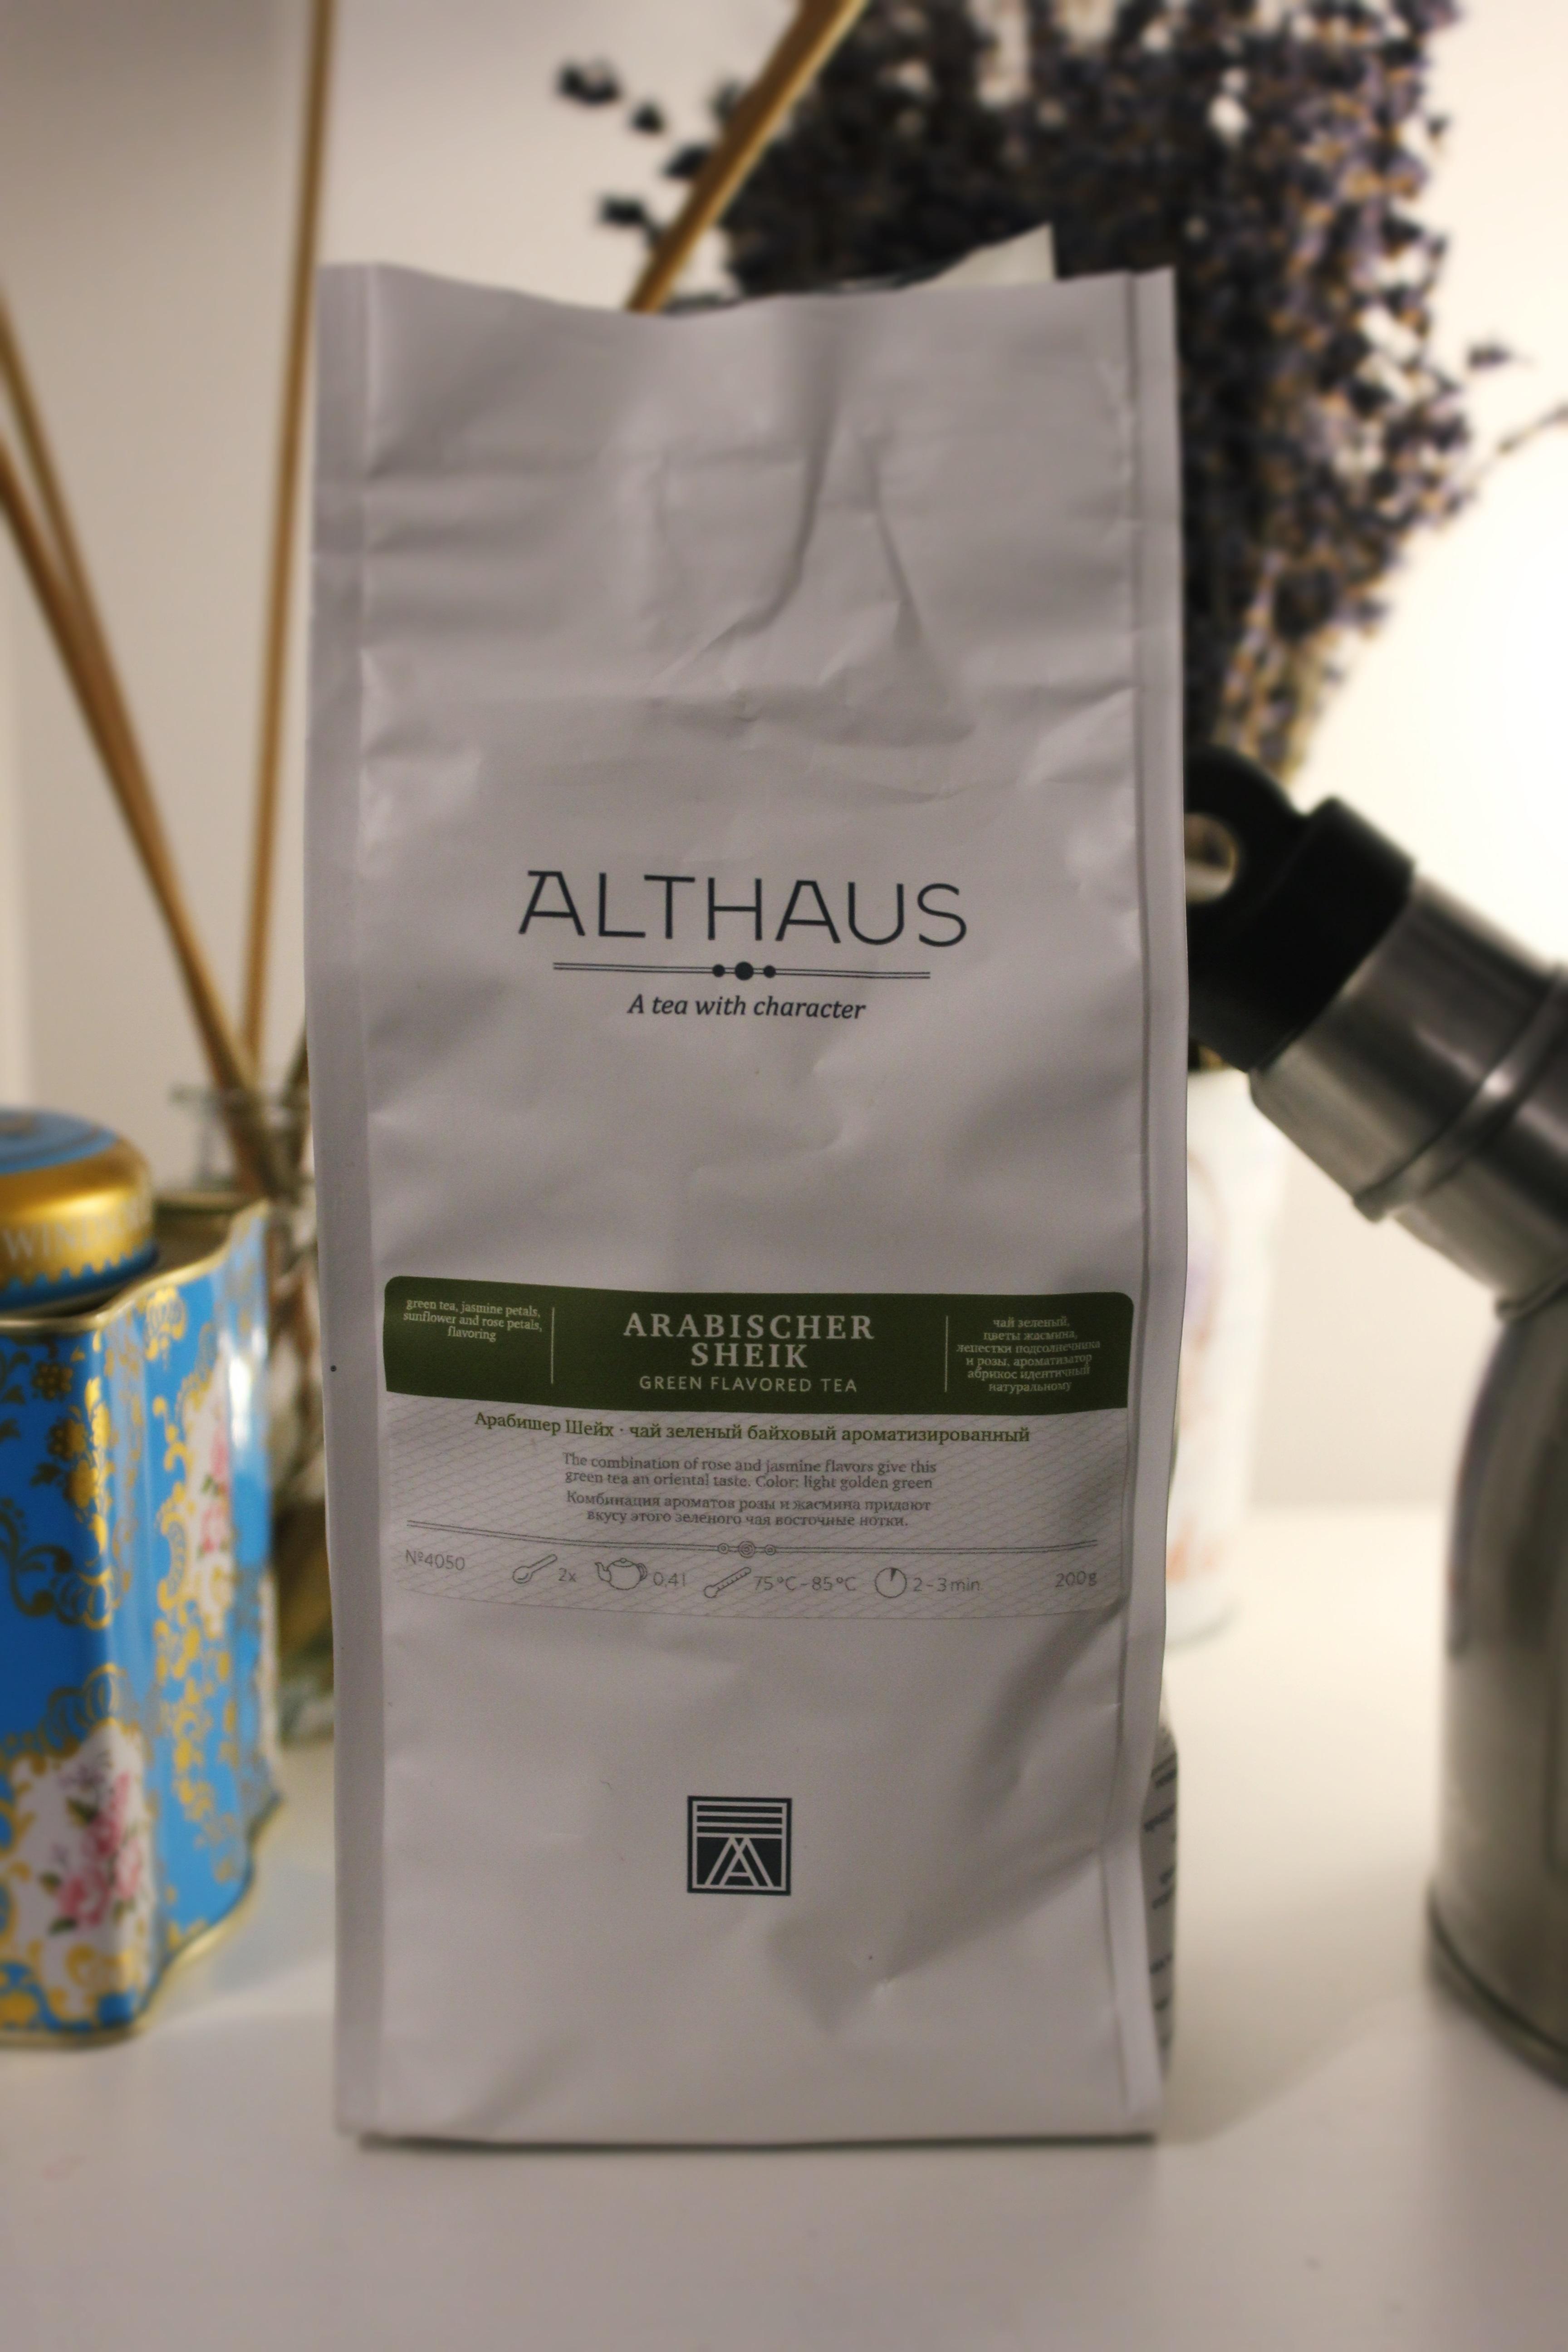 ceai Althaus Arabischer Sheik